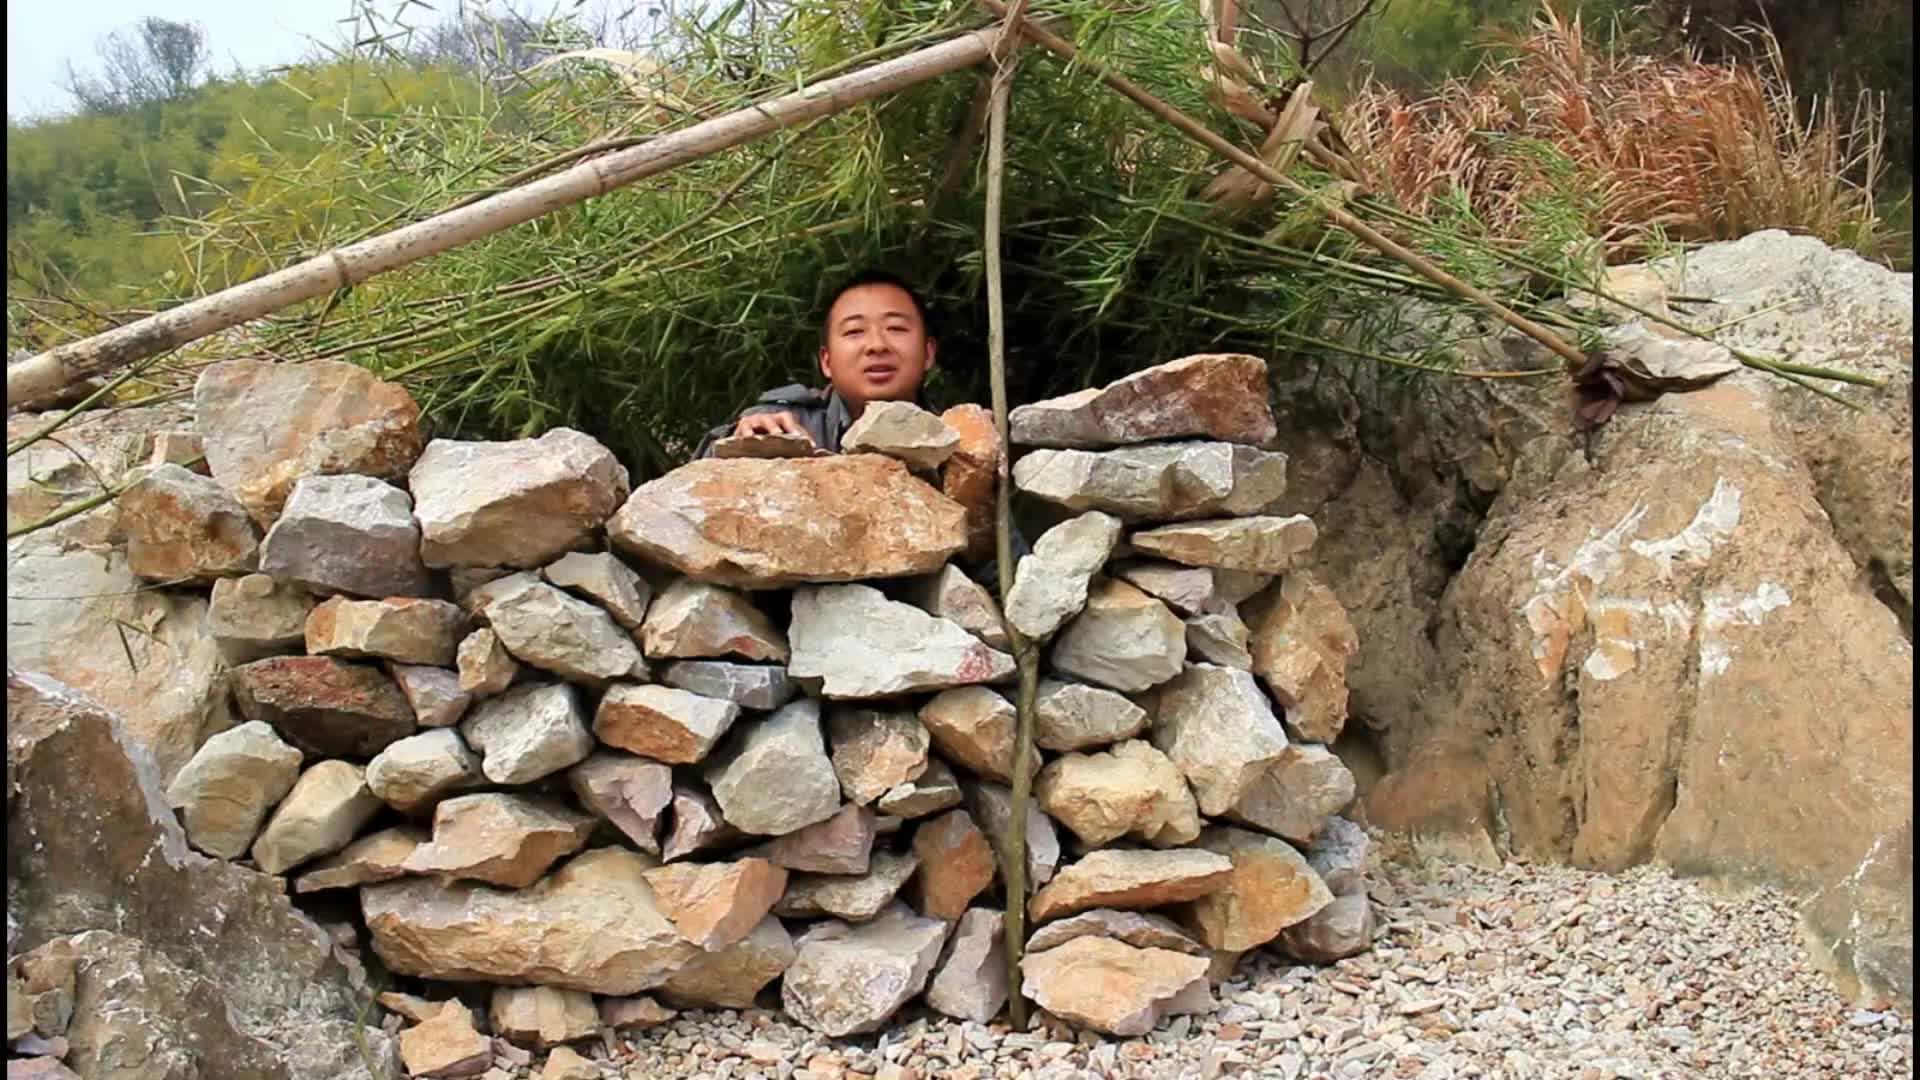 野外生存砌石墙造房子,贝尔都羡慕的庇护所出现了